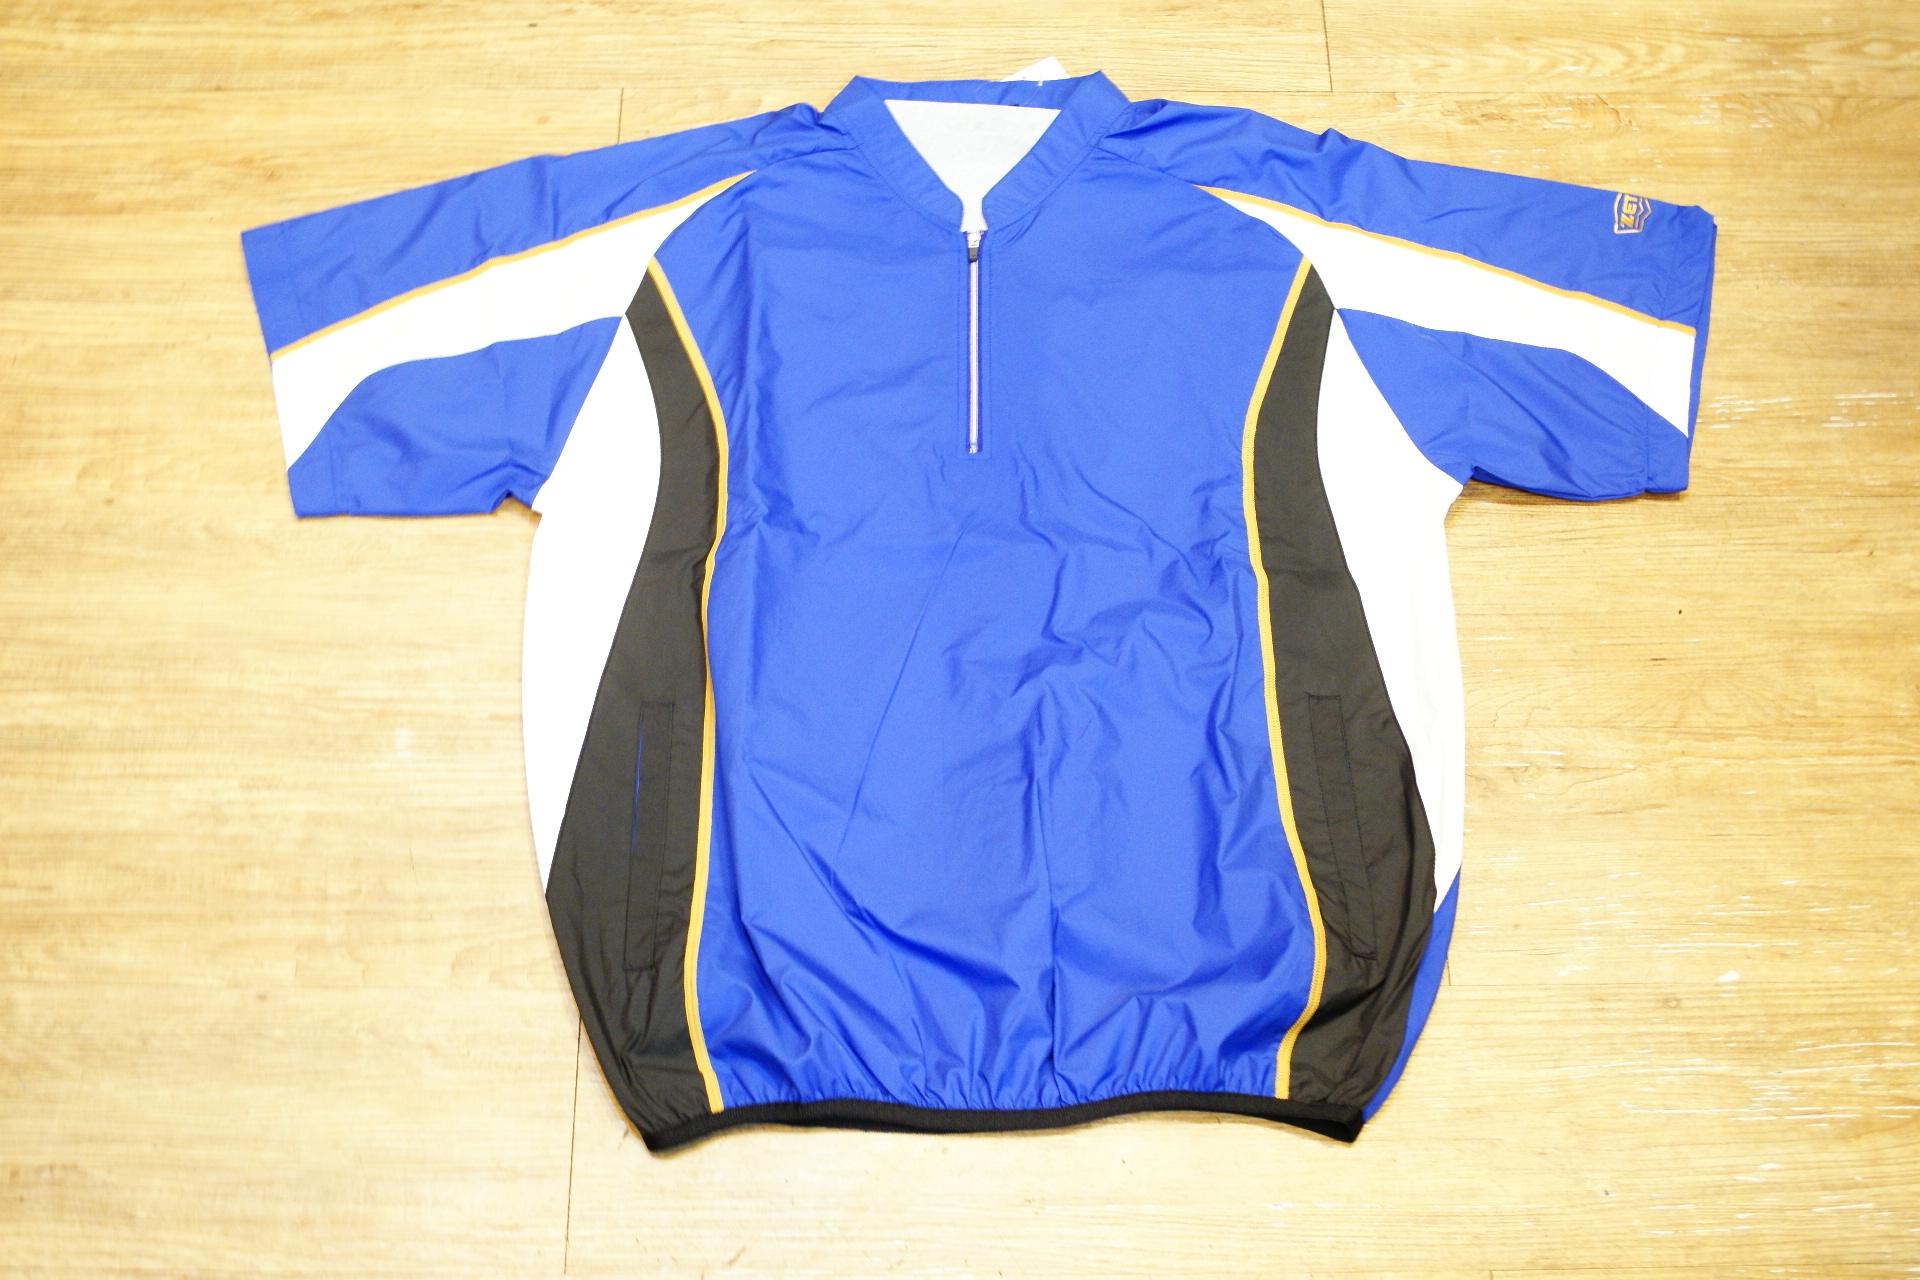 棒球世界 全新ZETT日本進口短袖風衣 特價 新本壘版 寶藍底